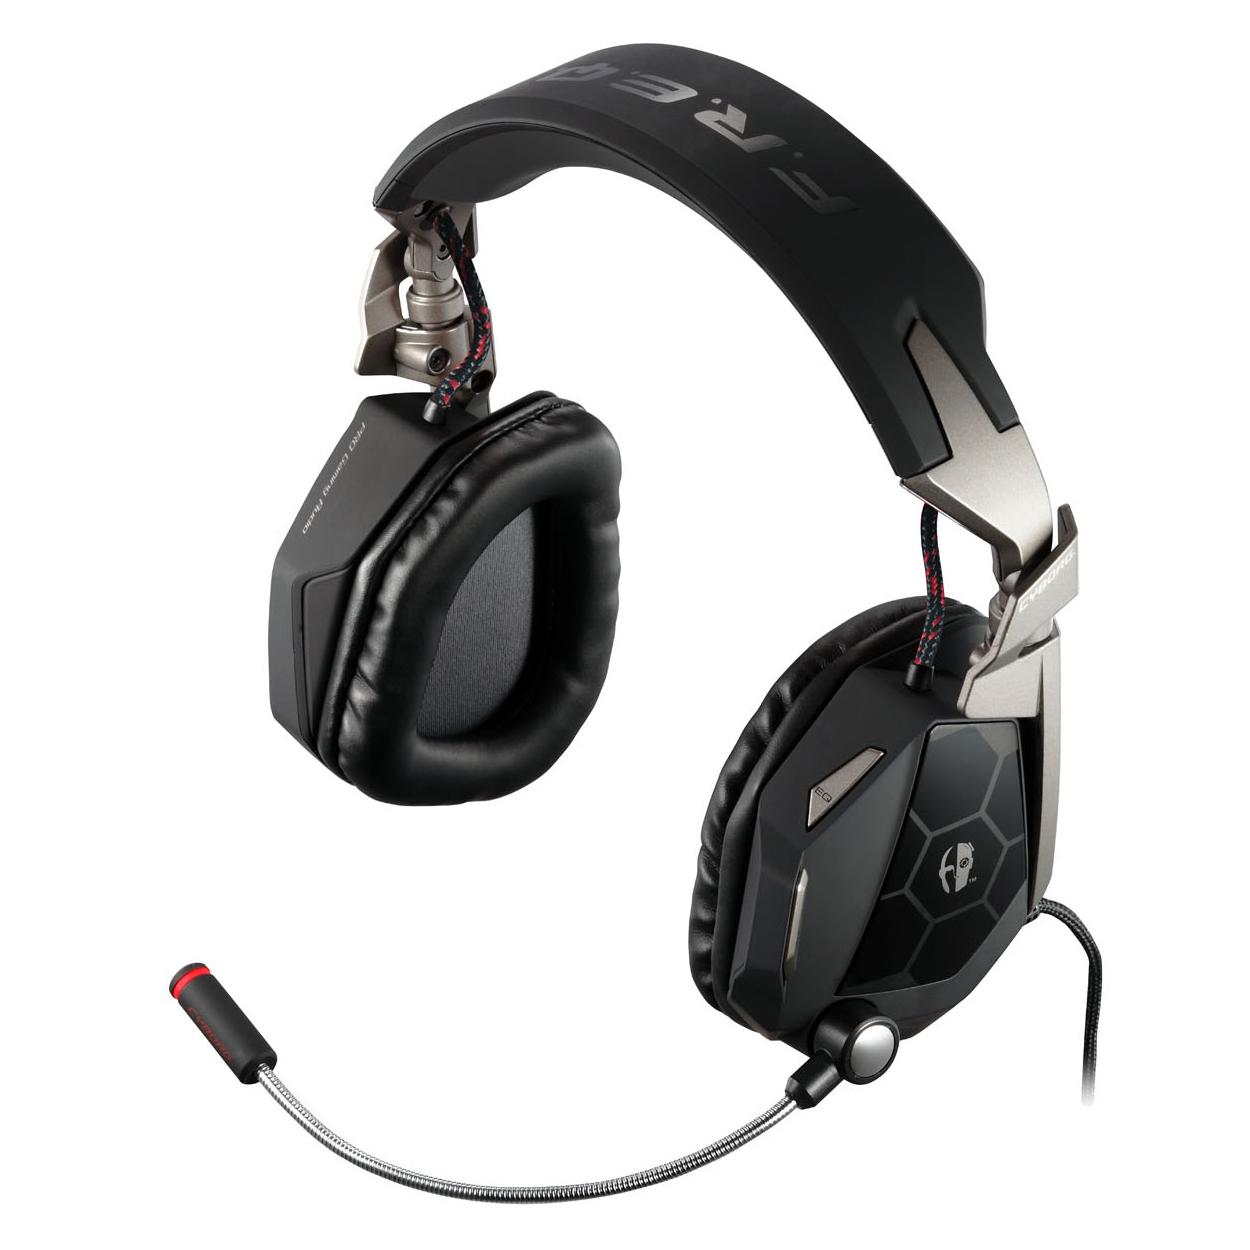 Micro-casque Mad Catz F.R.E.Q. 5 (FREQ 5) Matte Black Casque-micro pour gamer (USB/Jack) - (coloris noir mat)